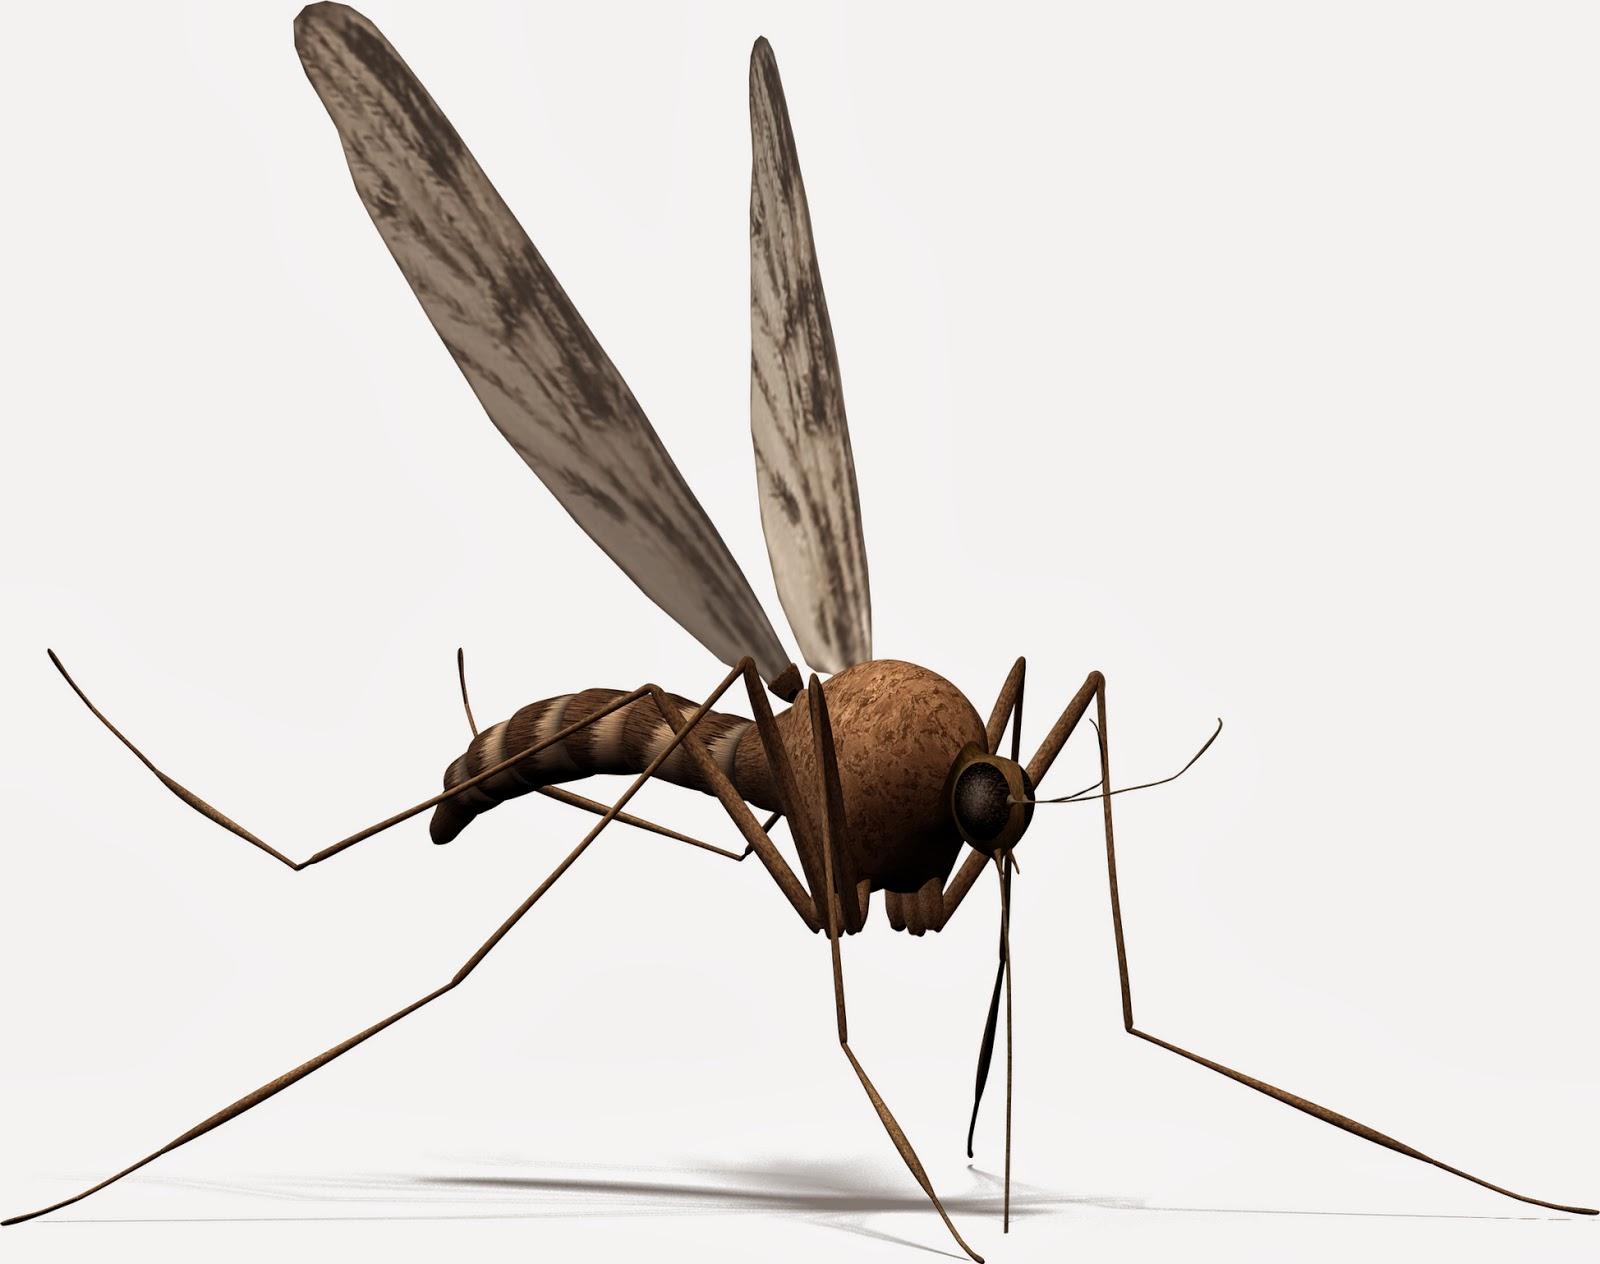 mosquito, mosquito misting system, chikungunya virus